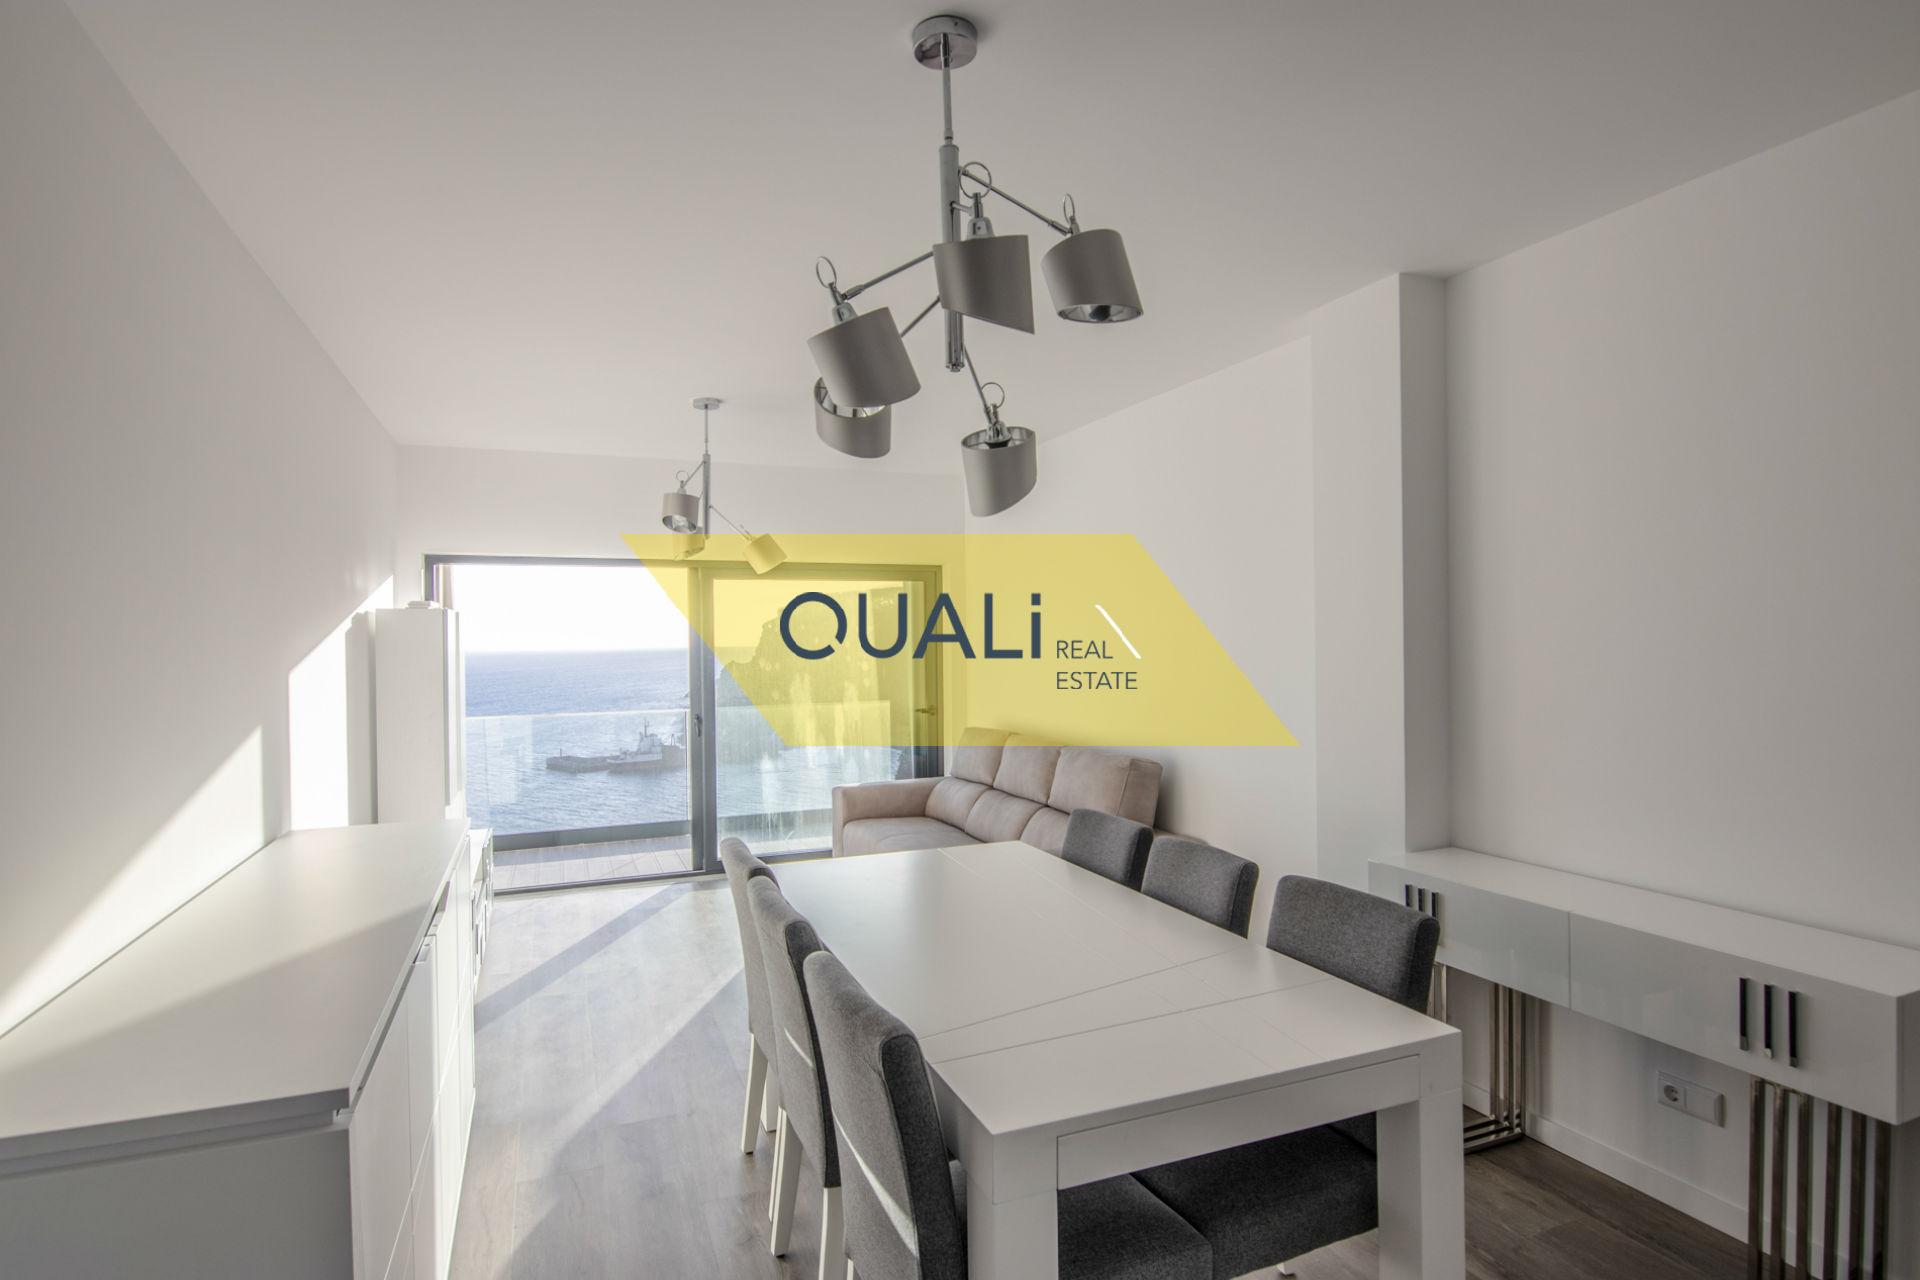 Apartamento com 2 quartos e vista Mar €170.000,00 Porto Novo, Ilha da Madeira.